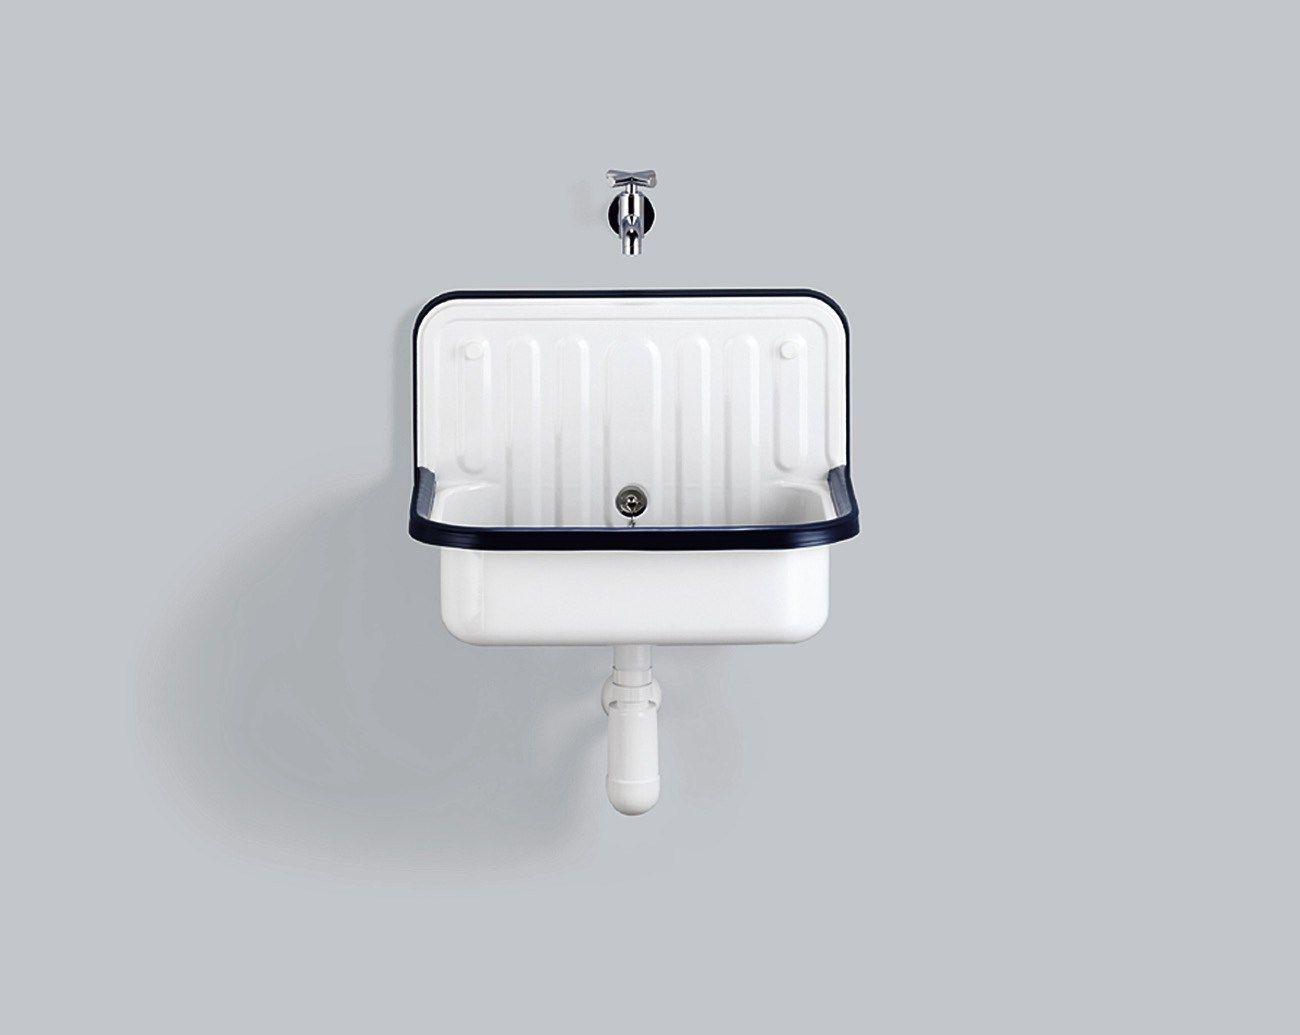 Éviers de service | Buanderie et nettoyage domestique | Archiproducts